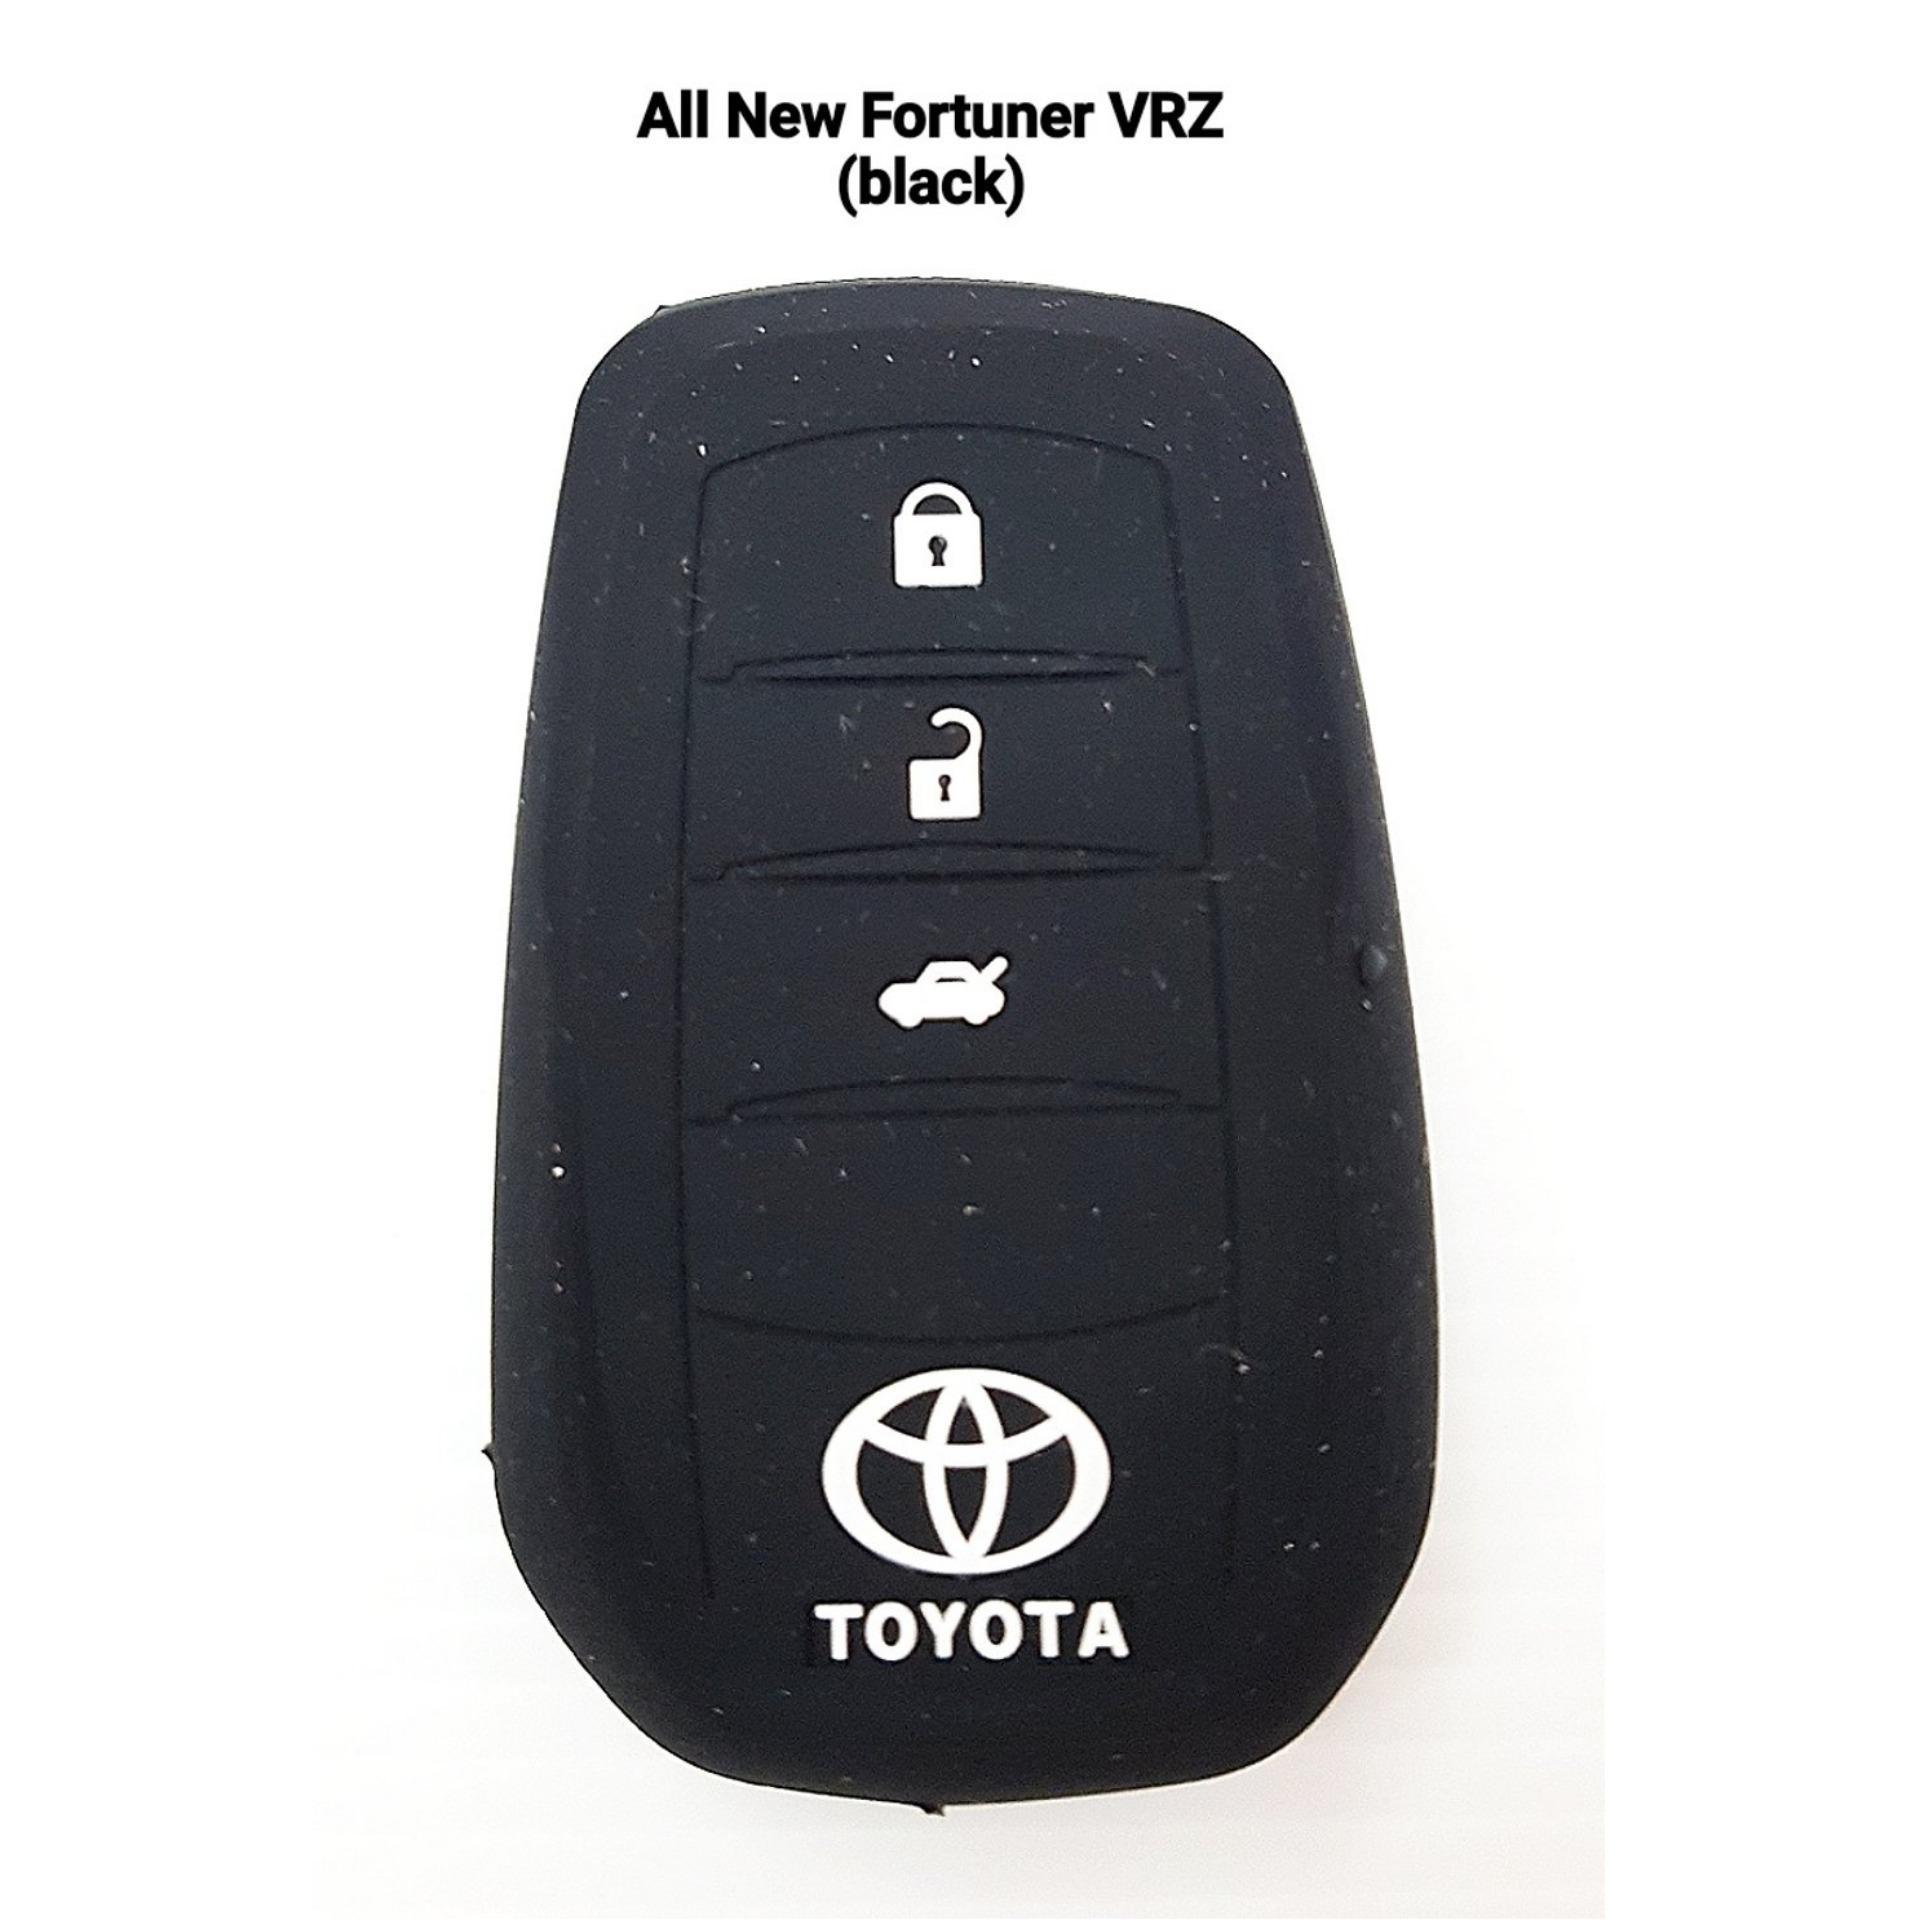 c703dad3b9012272934c115e391feed3 Harga Daftar Harga Mobil Toyota Fortuner 2011 Termurah Maret 2019